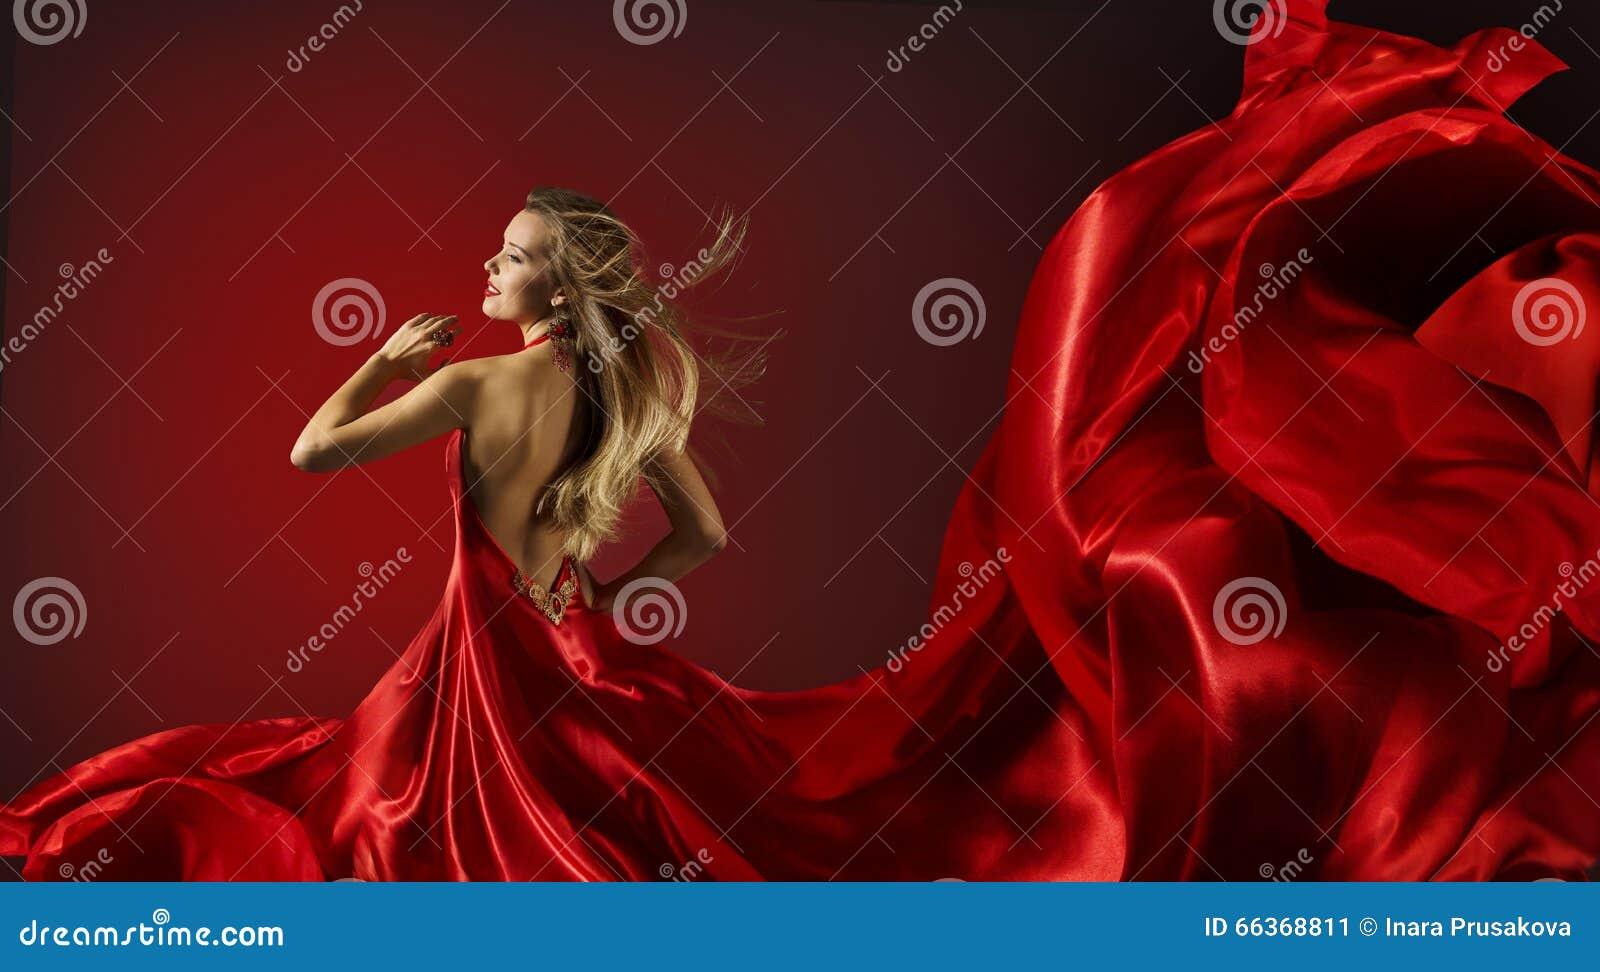 Mulher na dança vermelha do vestido, modelo de forma com tela do voo